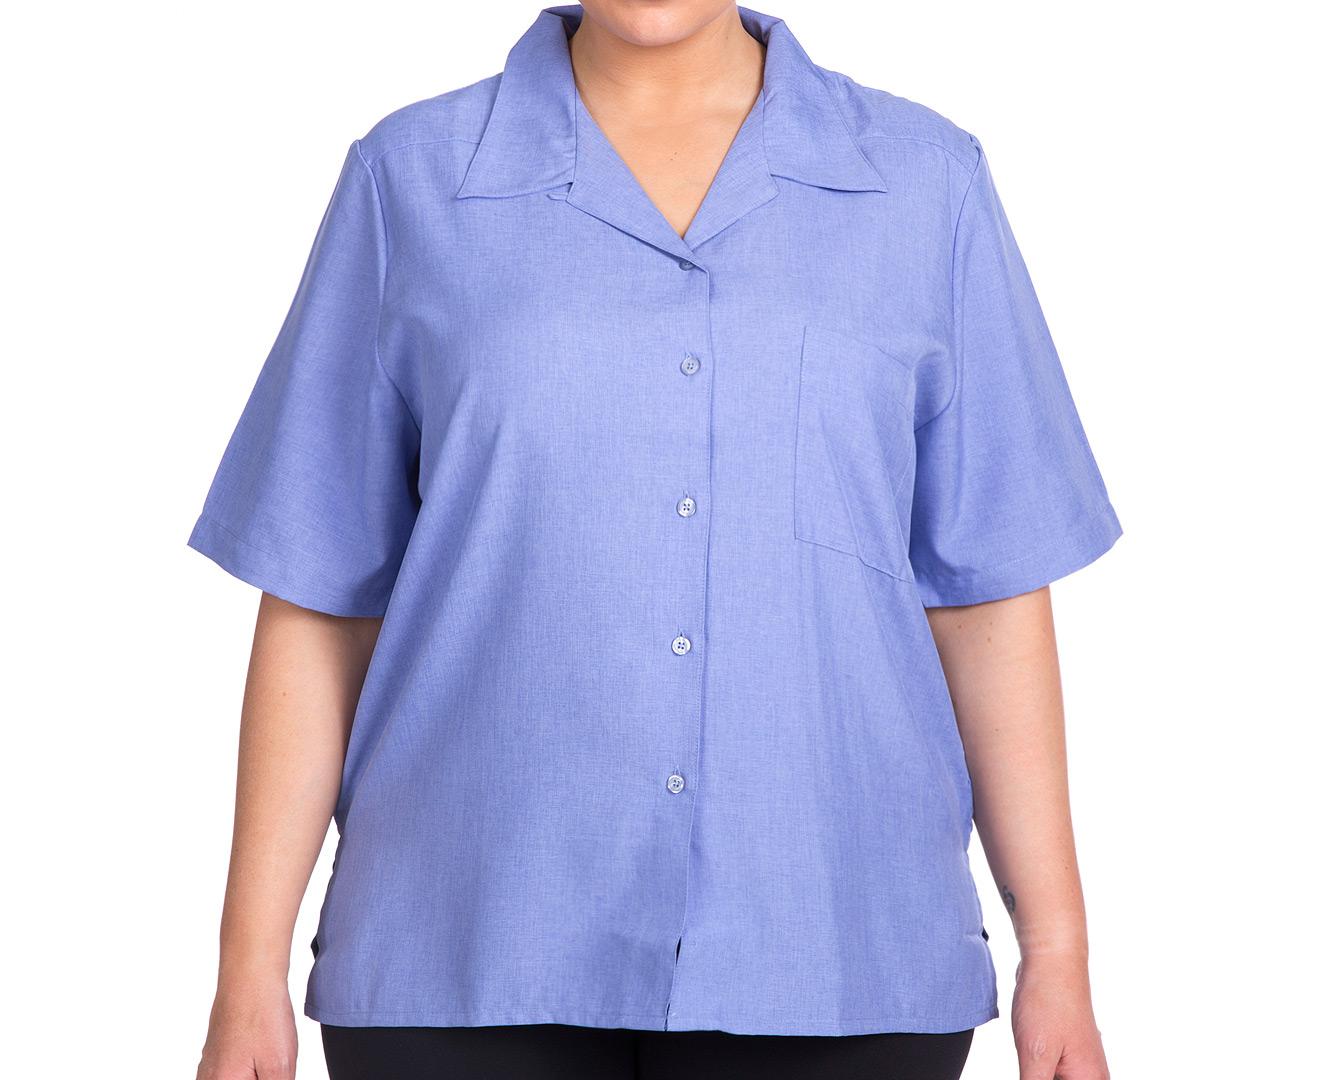 Stylecorp Women 39 S Plus Size Short Sleeve Shirt Chambray